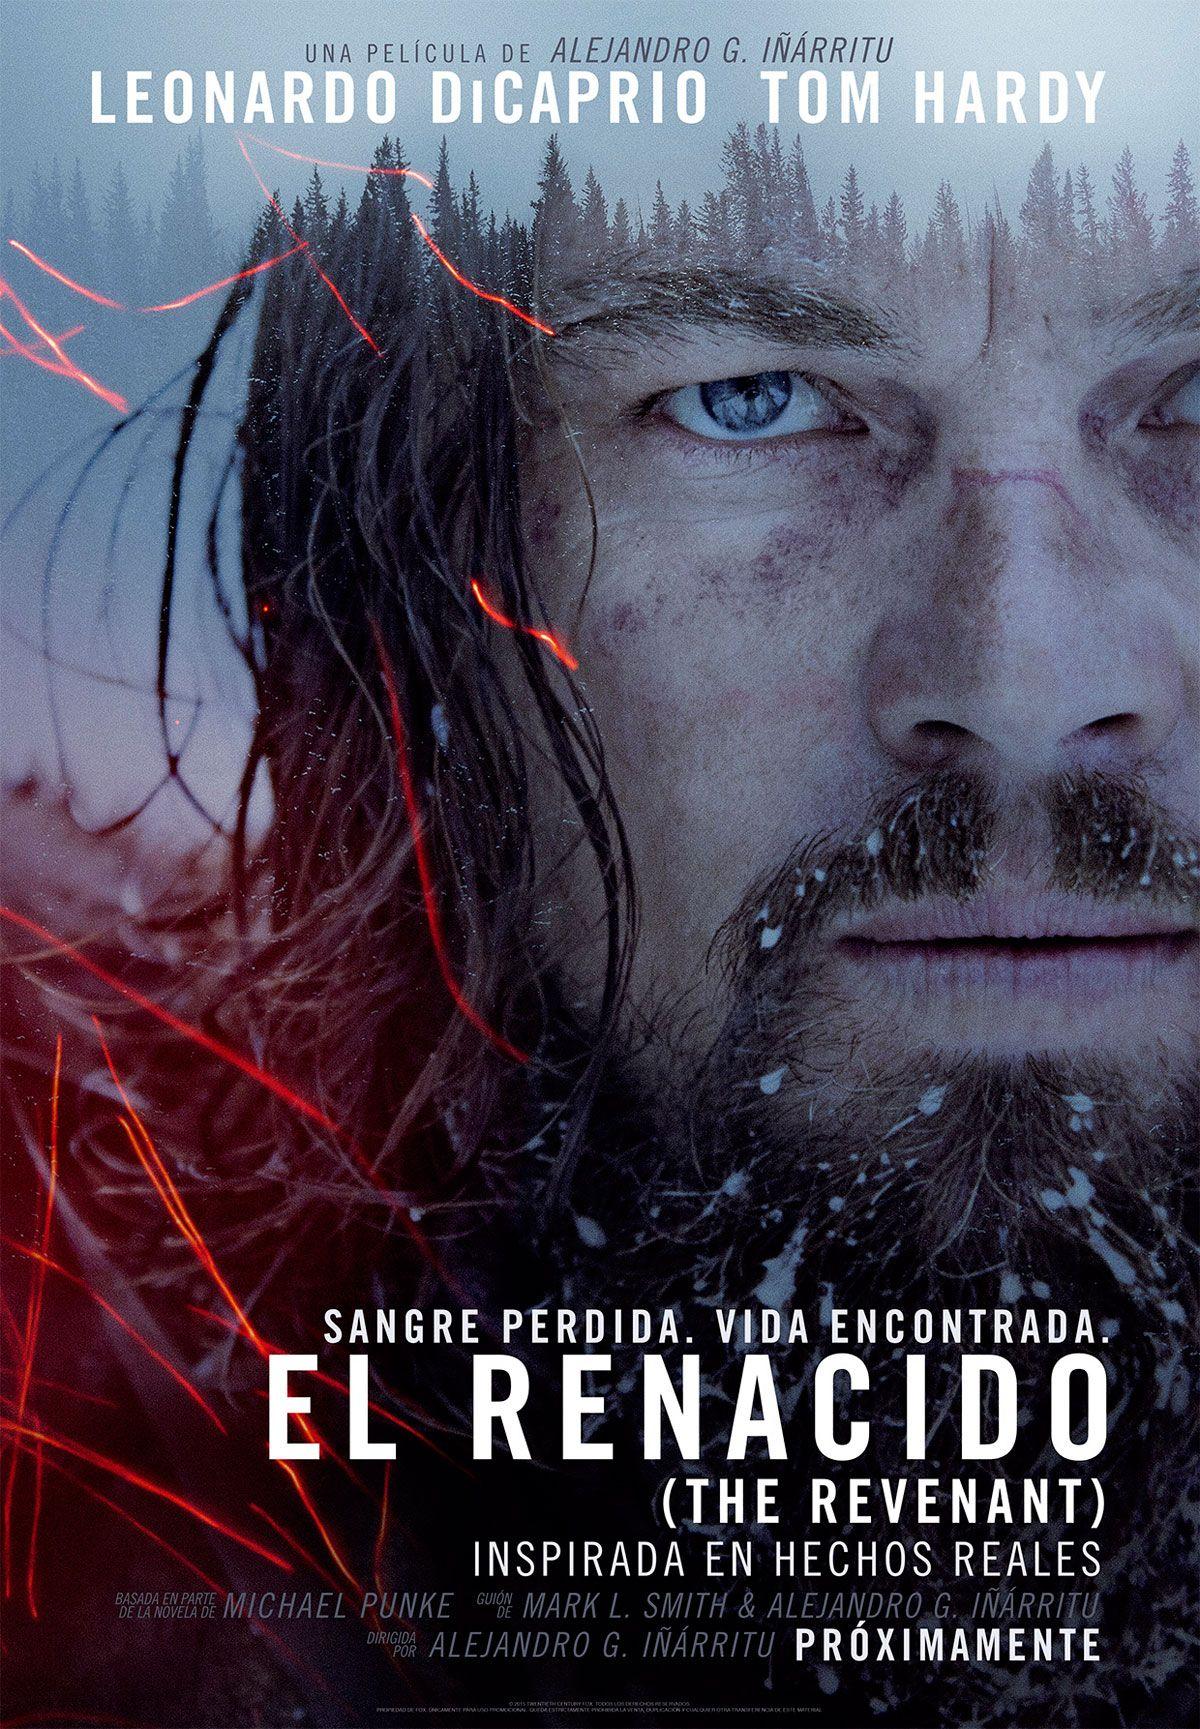 Crítica The Revenant El Renacido Http Esenciacine Com Ver Articulo Php Recordid 1103 The Revenant Full Movie The Revenant Movie The Revenant